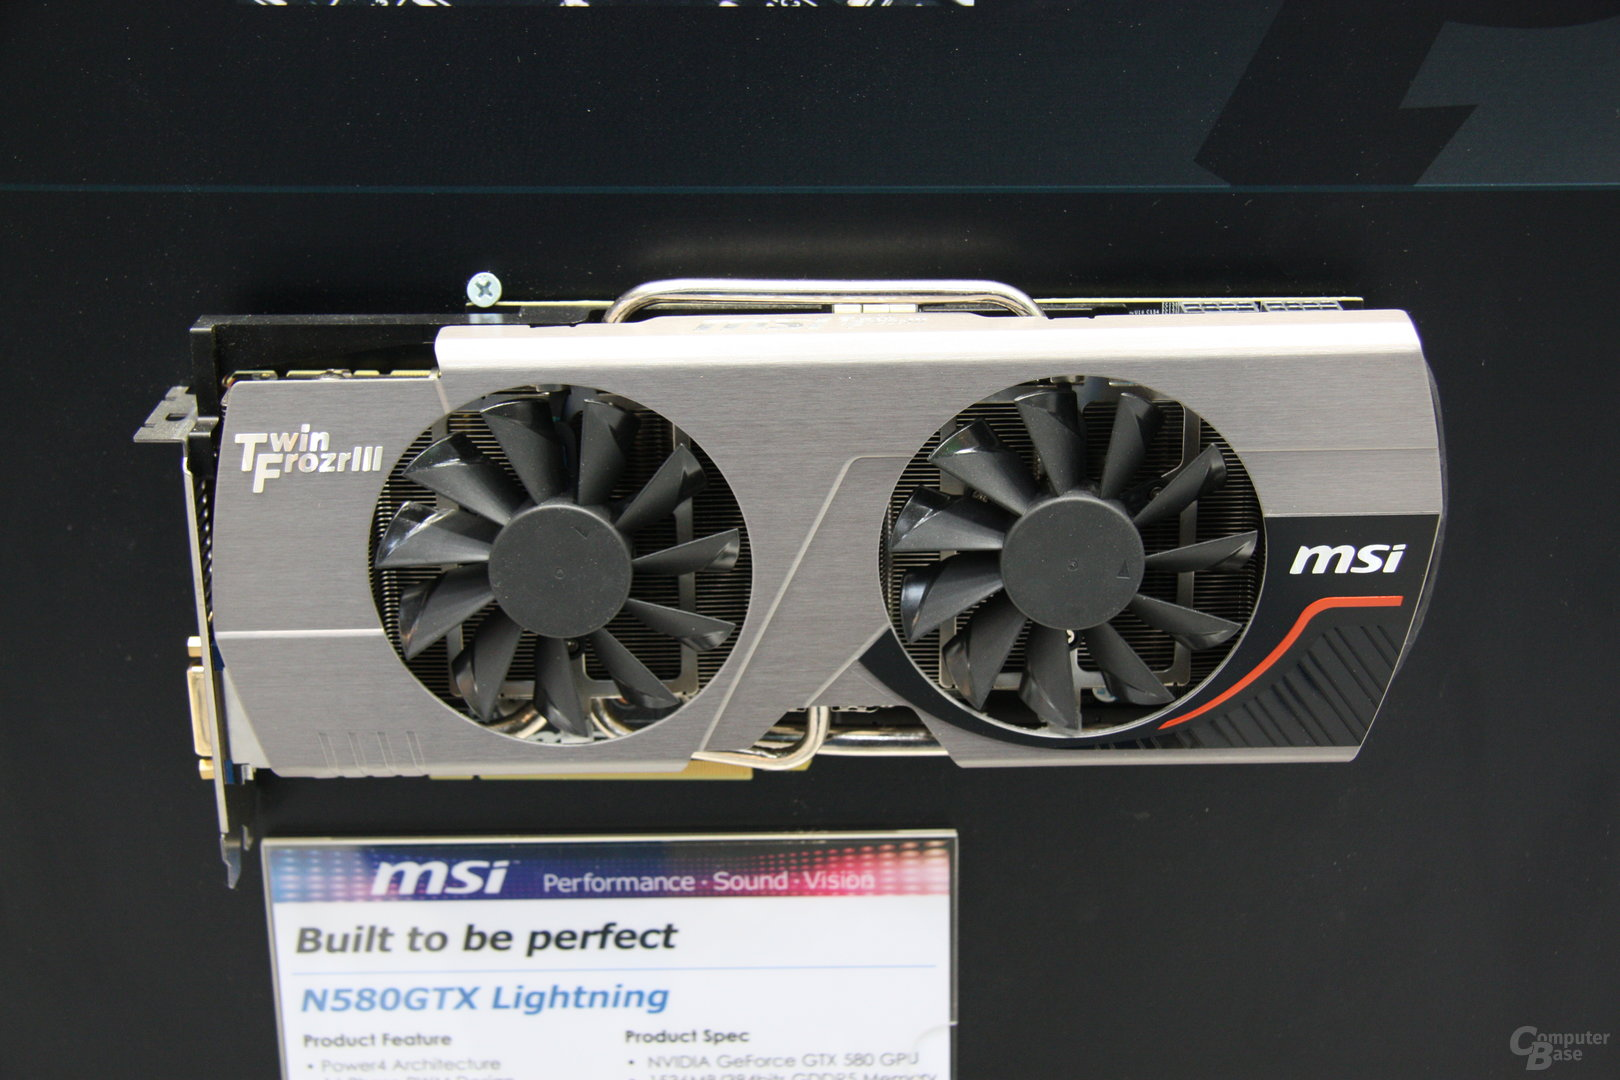 MSI Twin Frozr III (bekannt) auf der CeBIT 2011